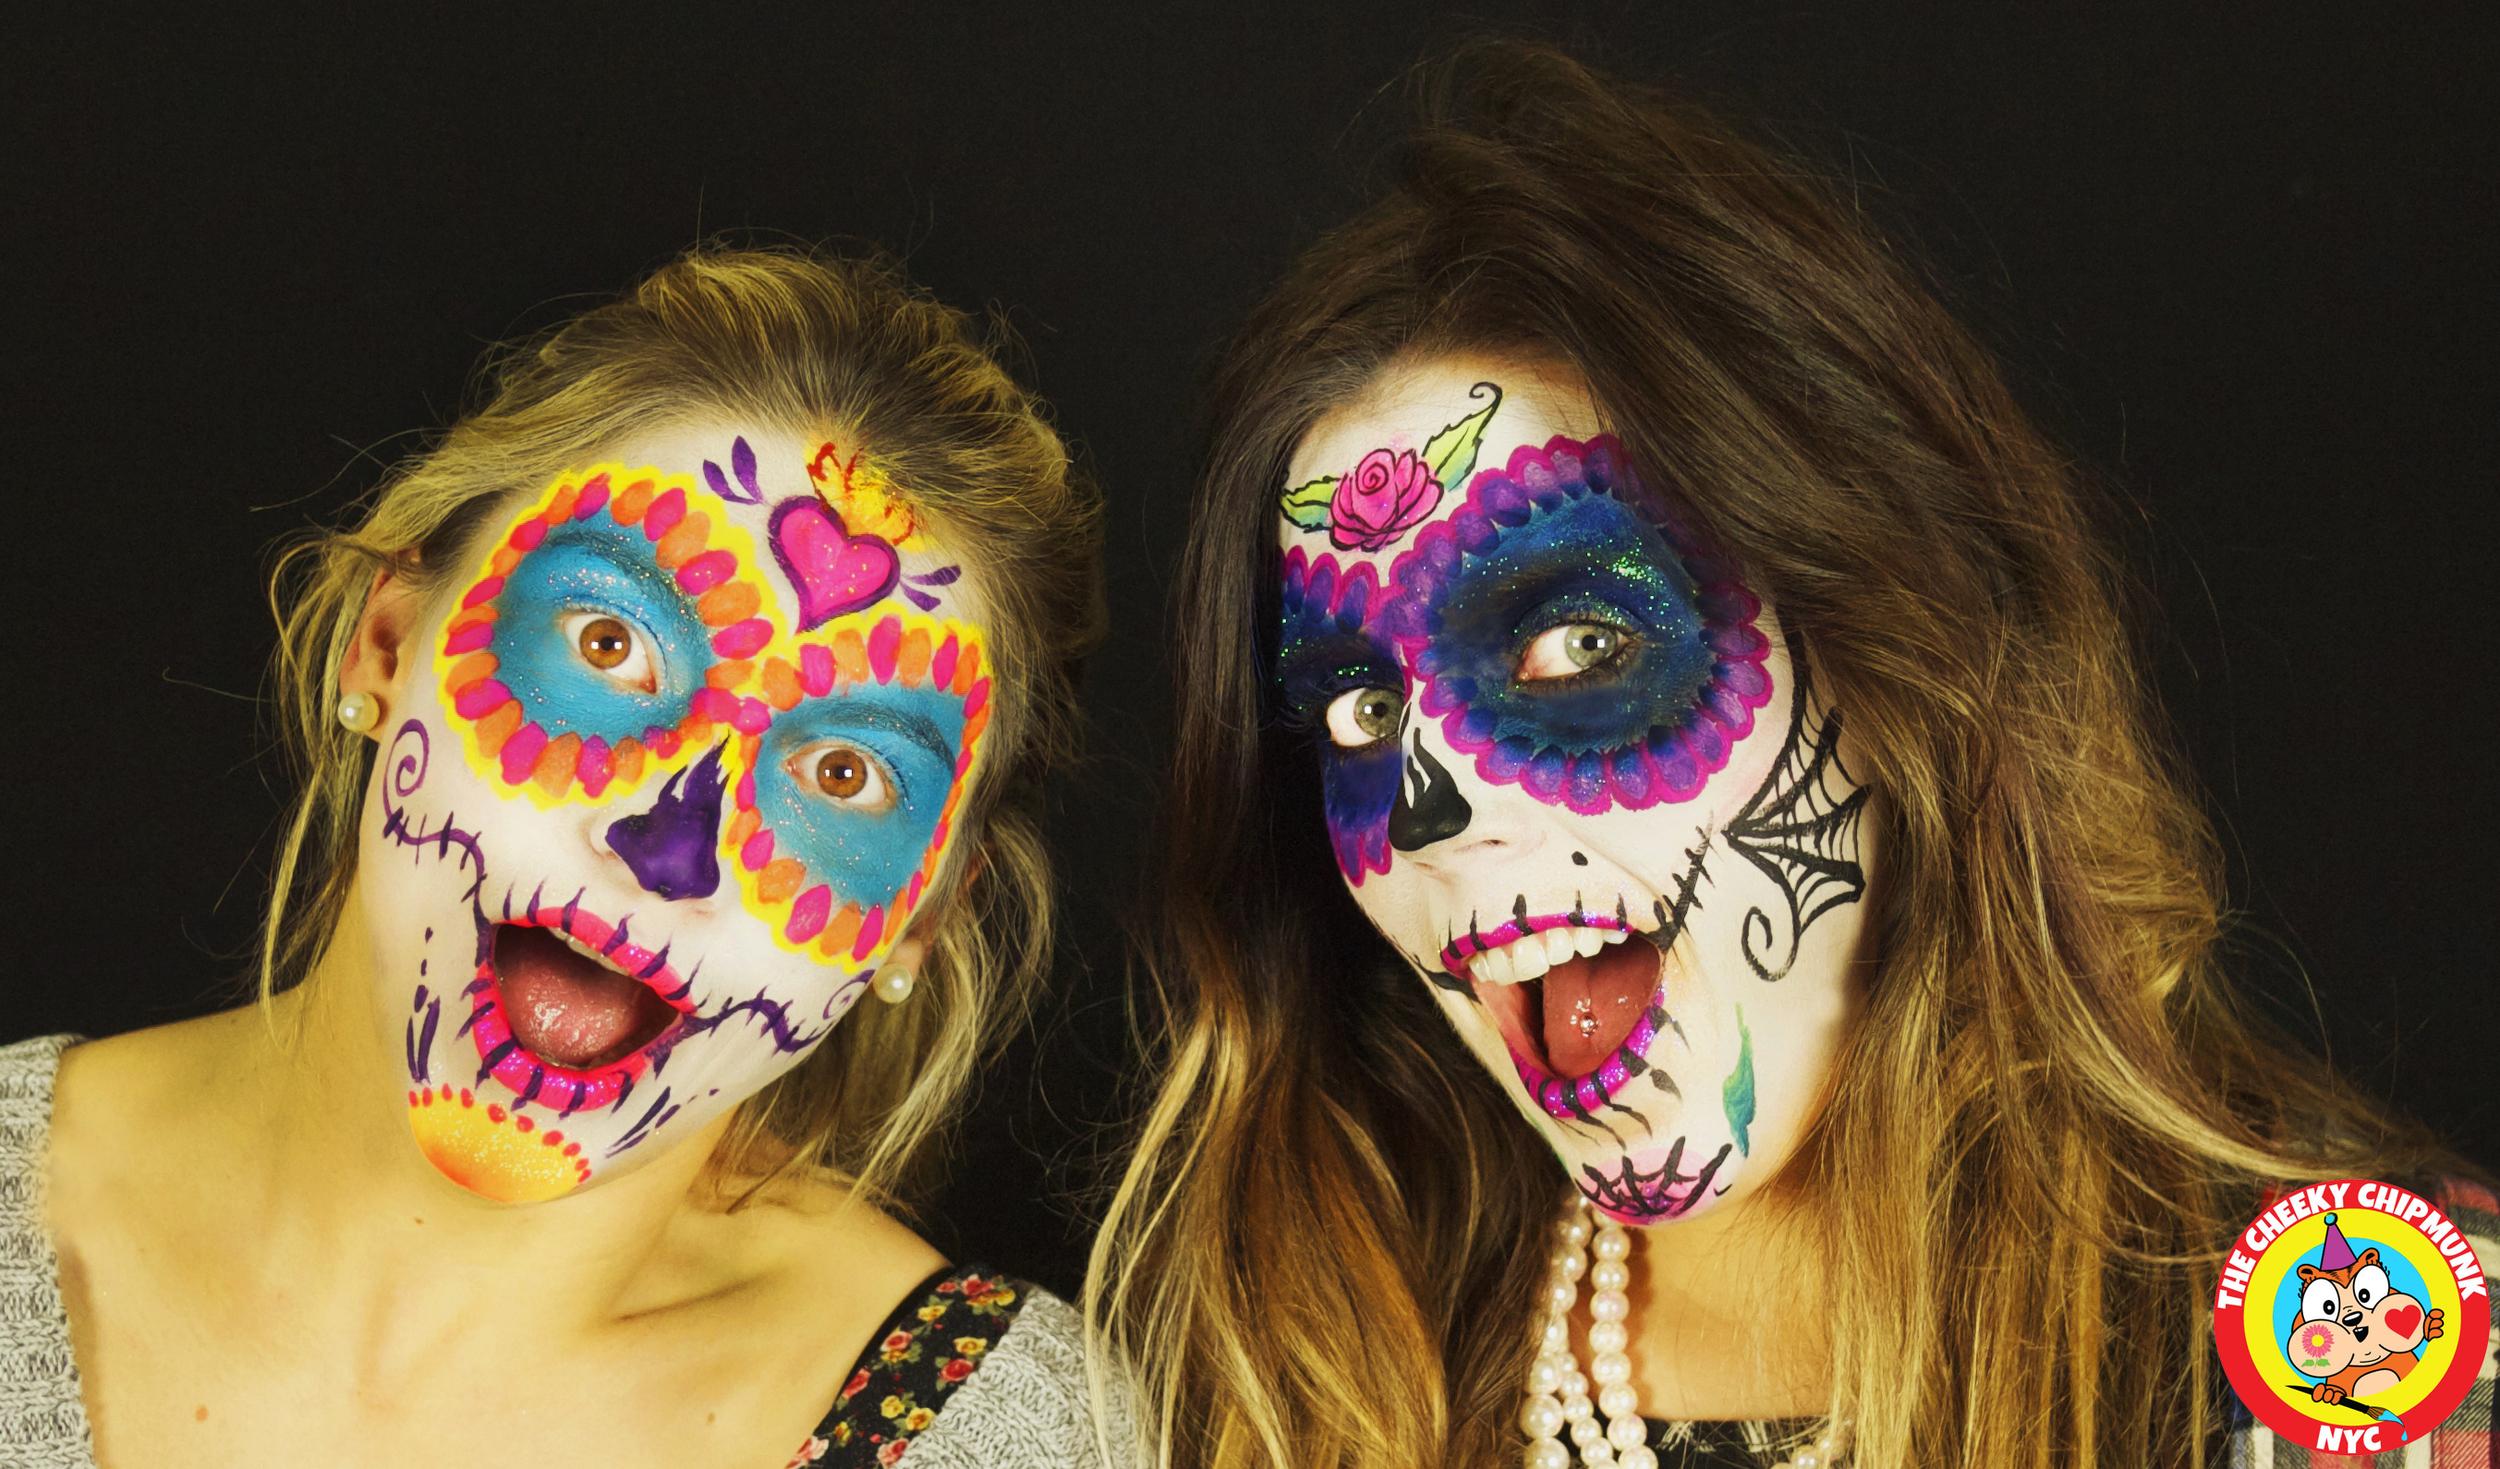 irish sugar skulls